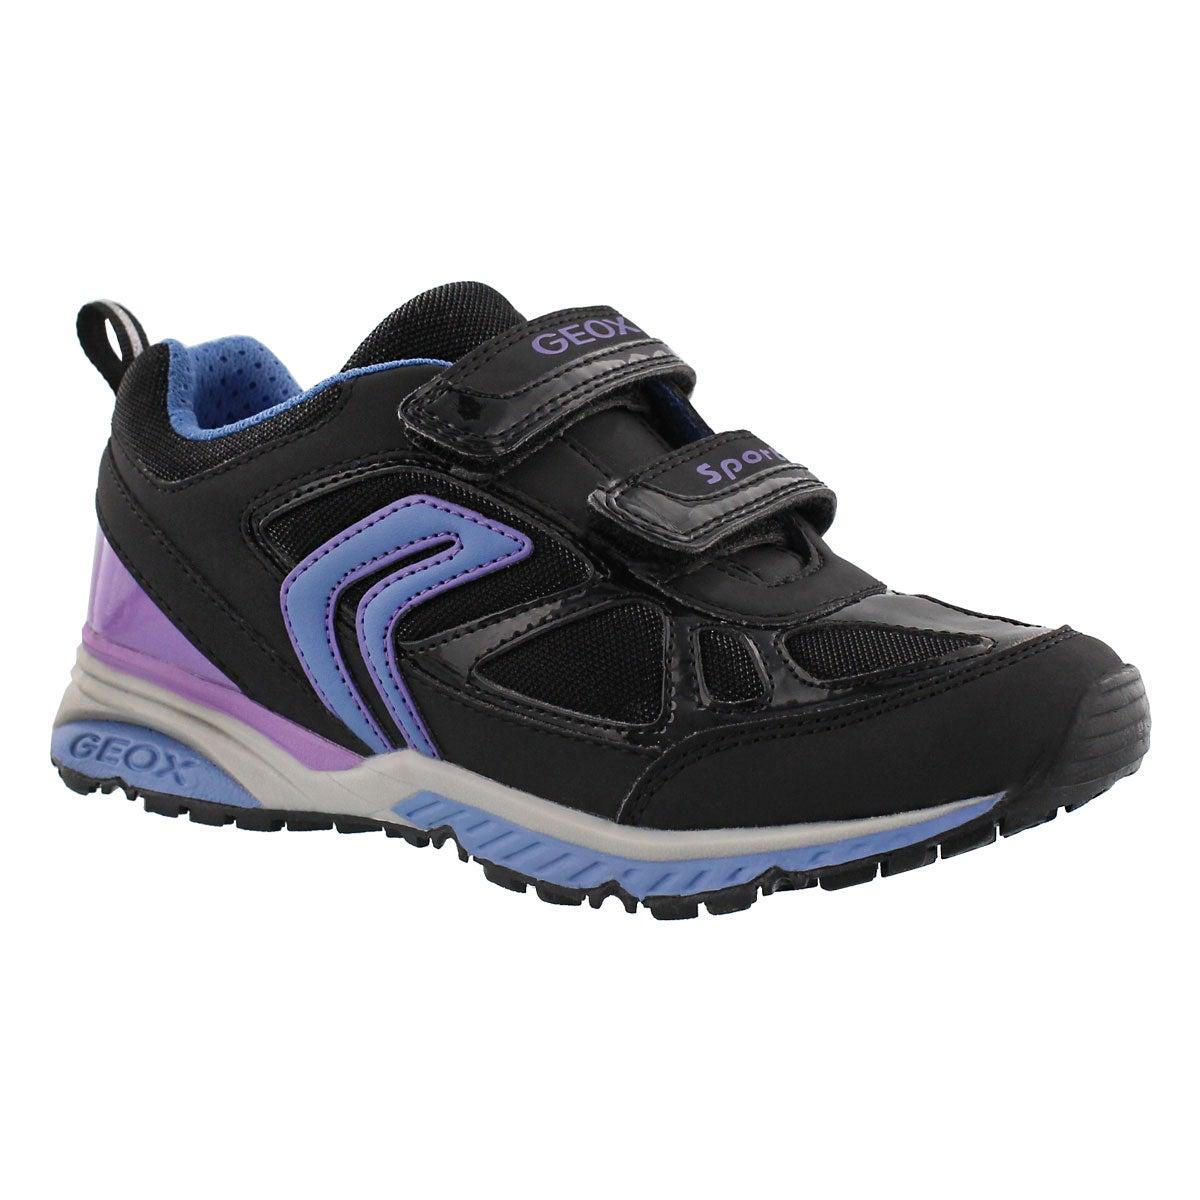 Grls Bernie blk/turq 2-strap sneaker